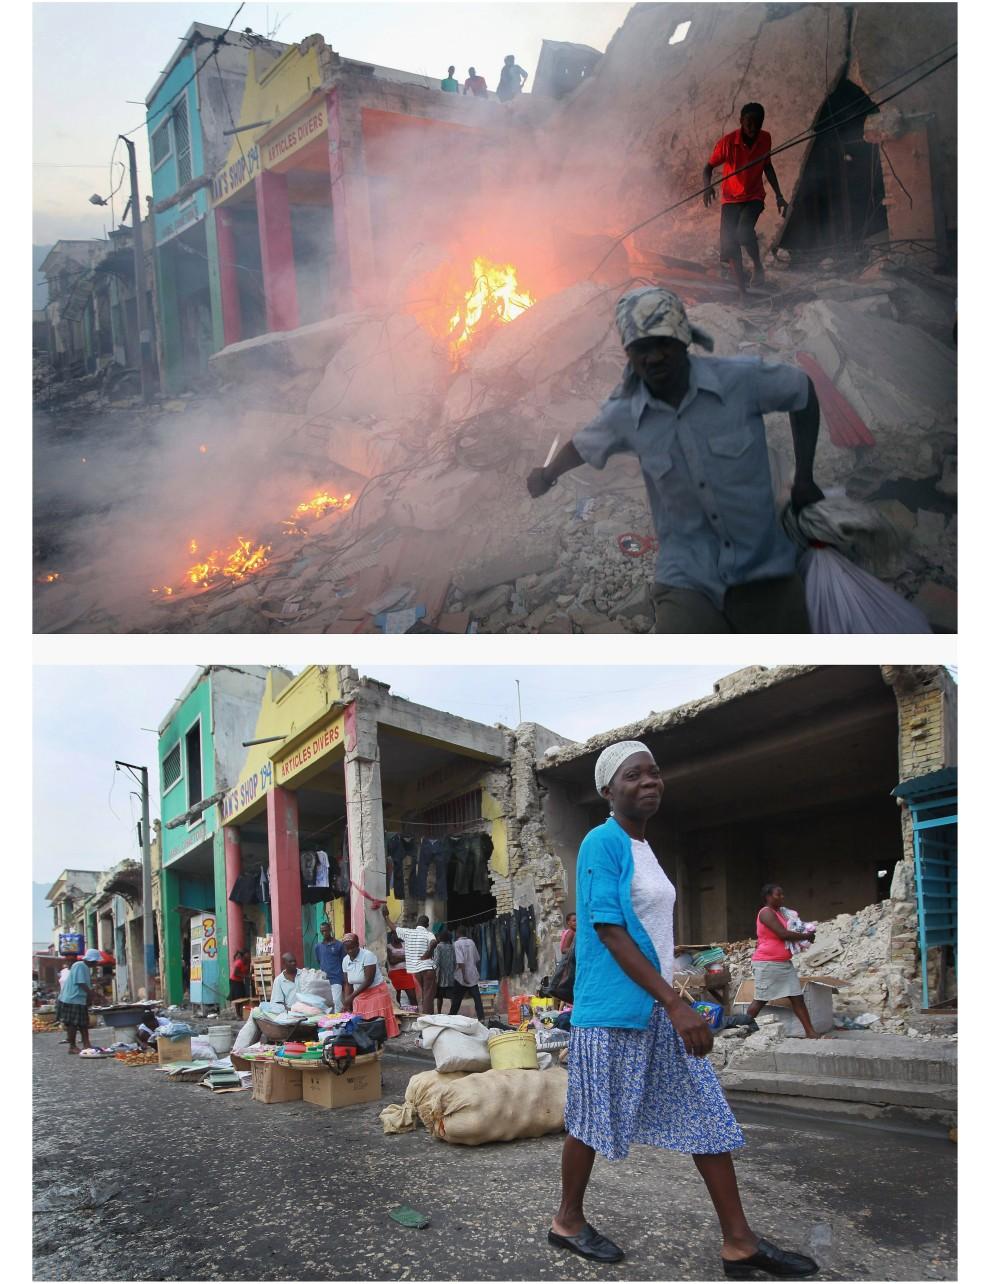 4. i 5.  HAITI, Port-au-Prince, zdjęcie pierwsze z 17 stycznia 2010: Szabrownicy na gruzach zniszczonego budynku.  Zdjęcie drugie z 9 stycznia 2011: To samo miejsce – Kobieta przechodzi obok zniszczonego w wyniku trzęsienia ziemi budynku. (Foto: Joe Raedle/Getty Images)